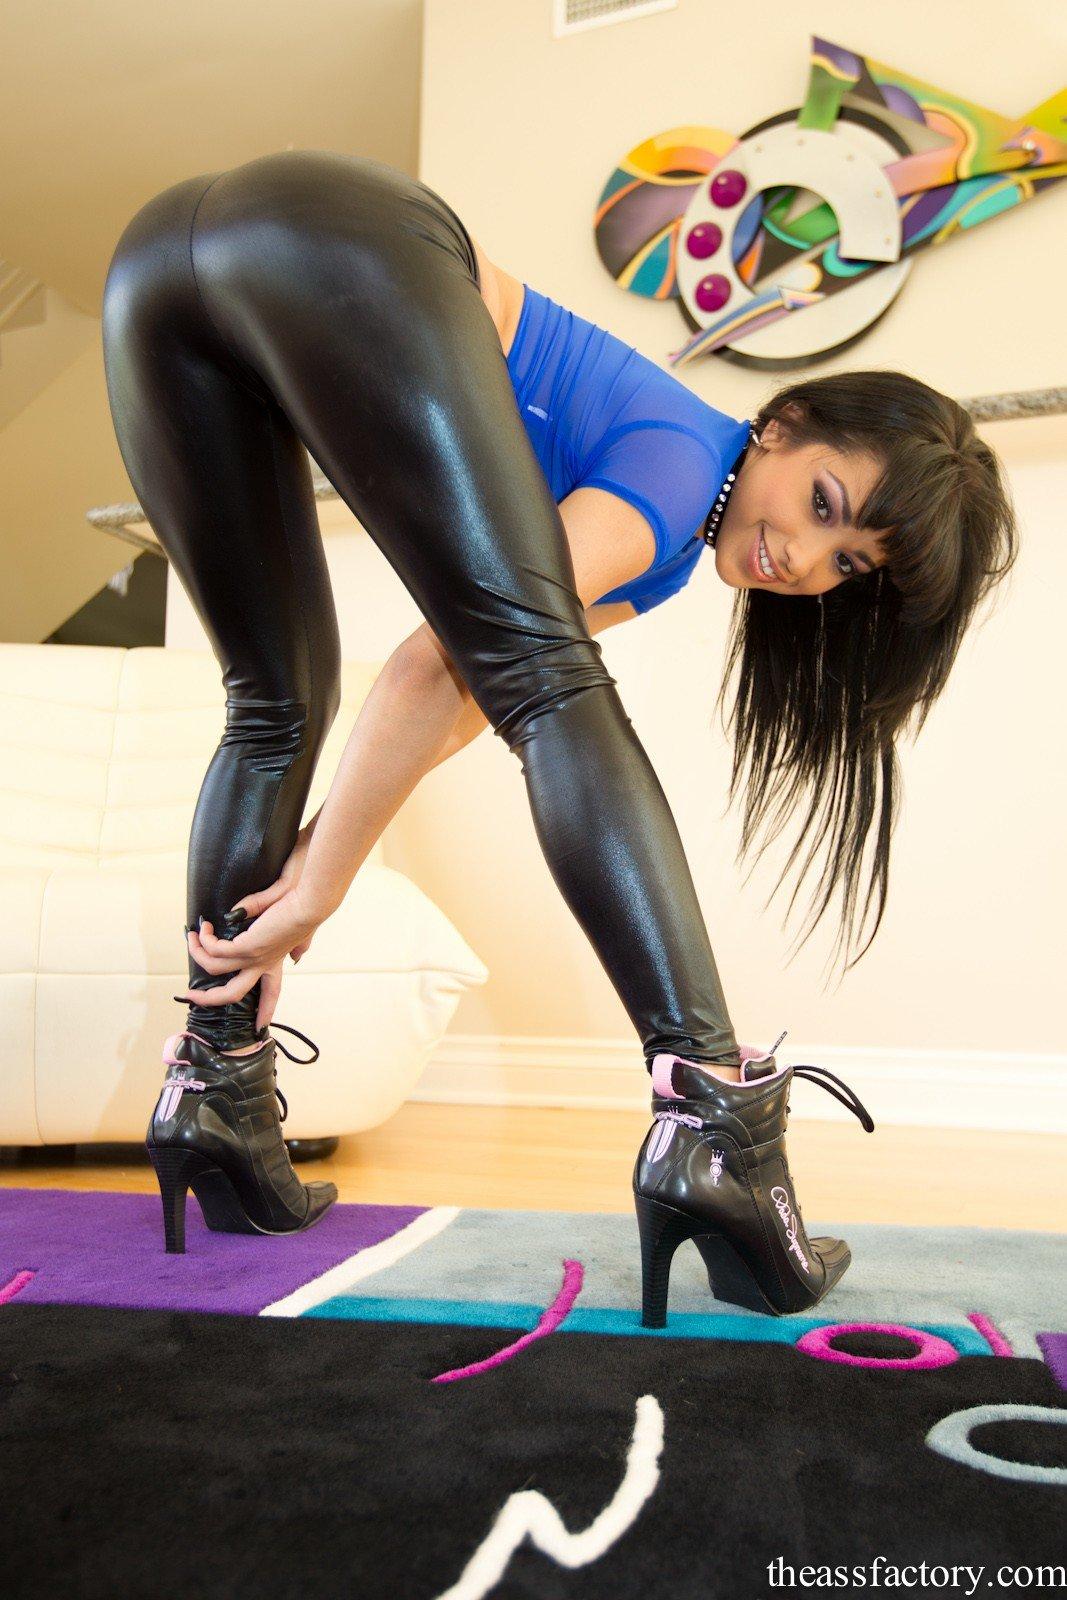 порно фото девушек в облегающих брюках - 13